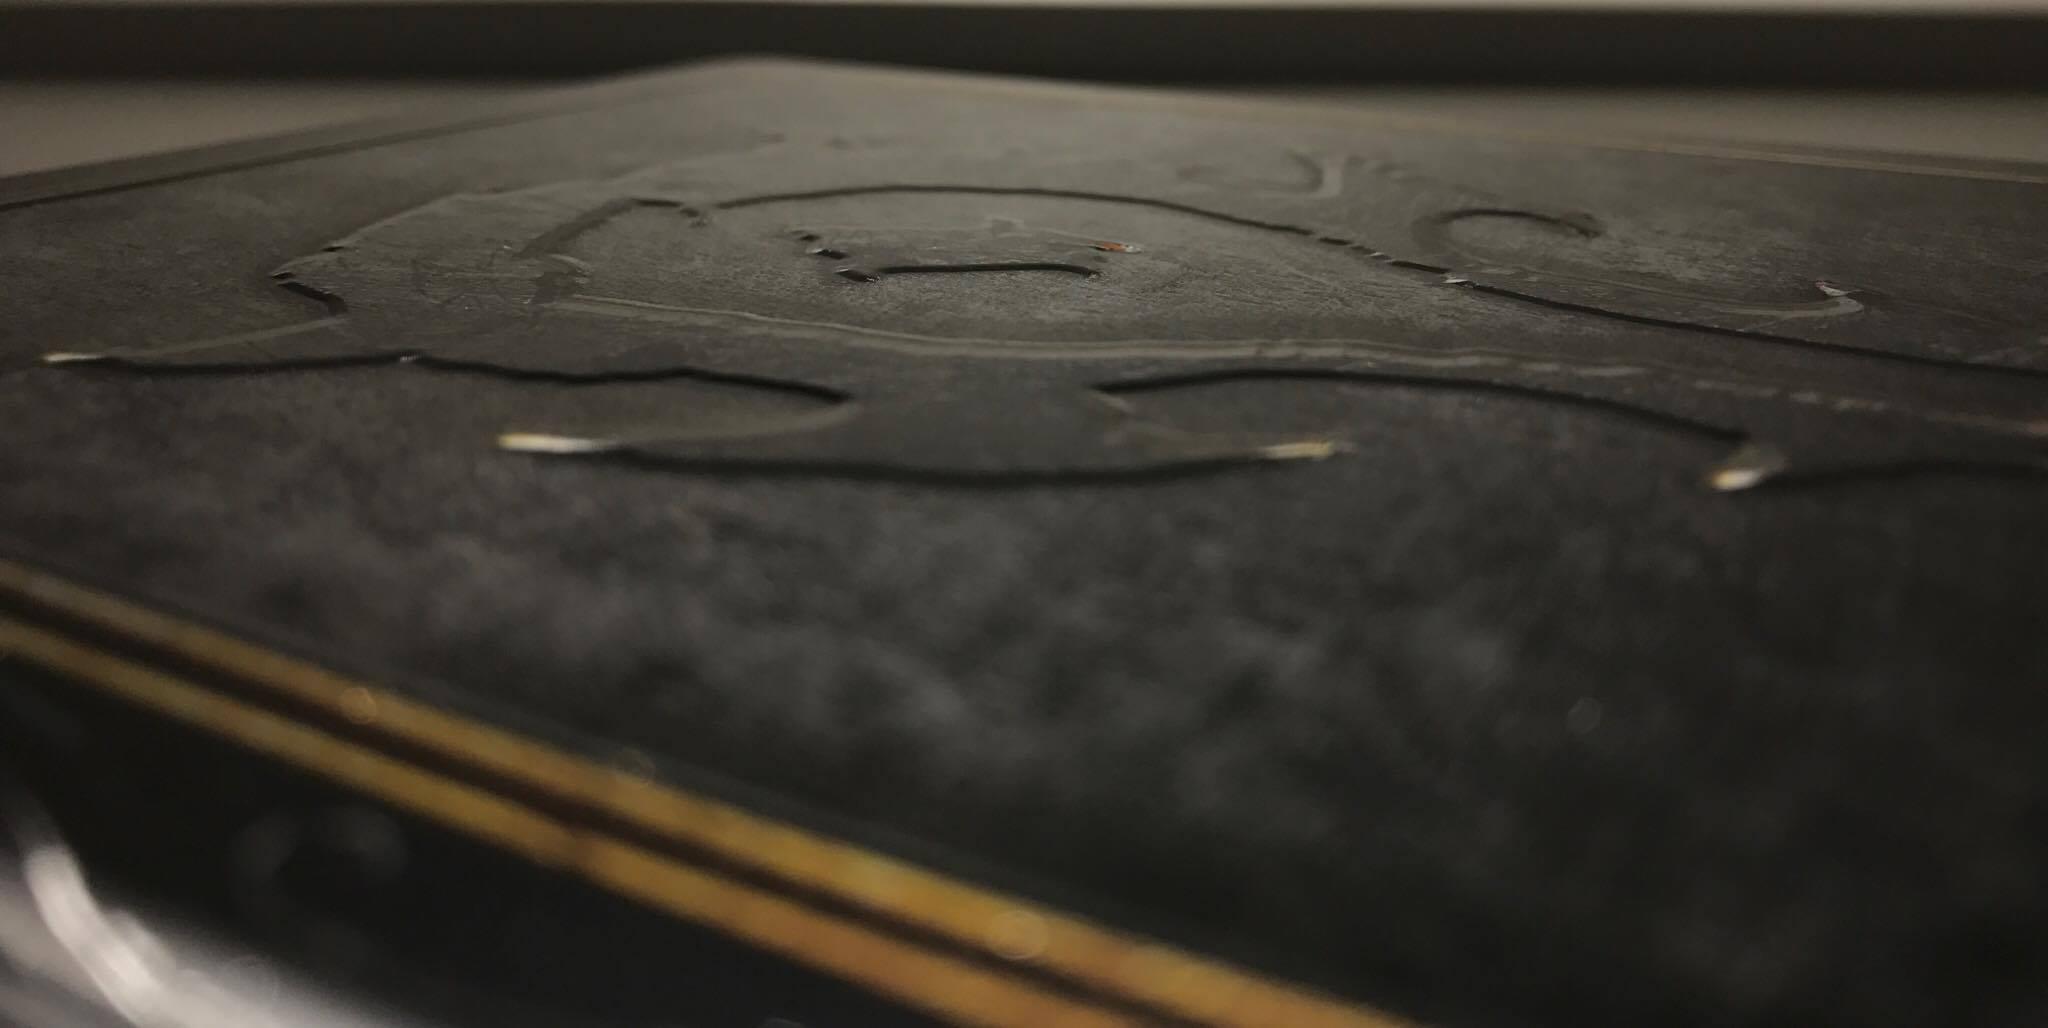 warcraft-steelbook-4